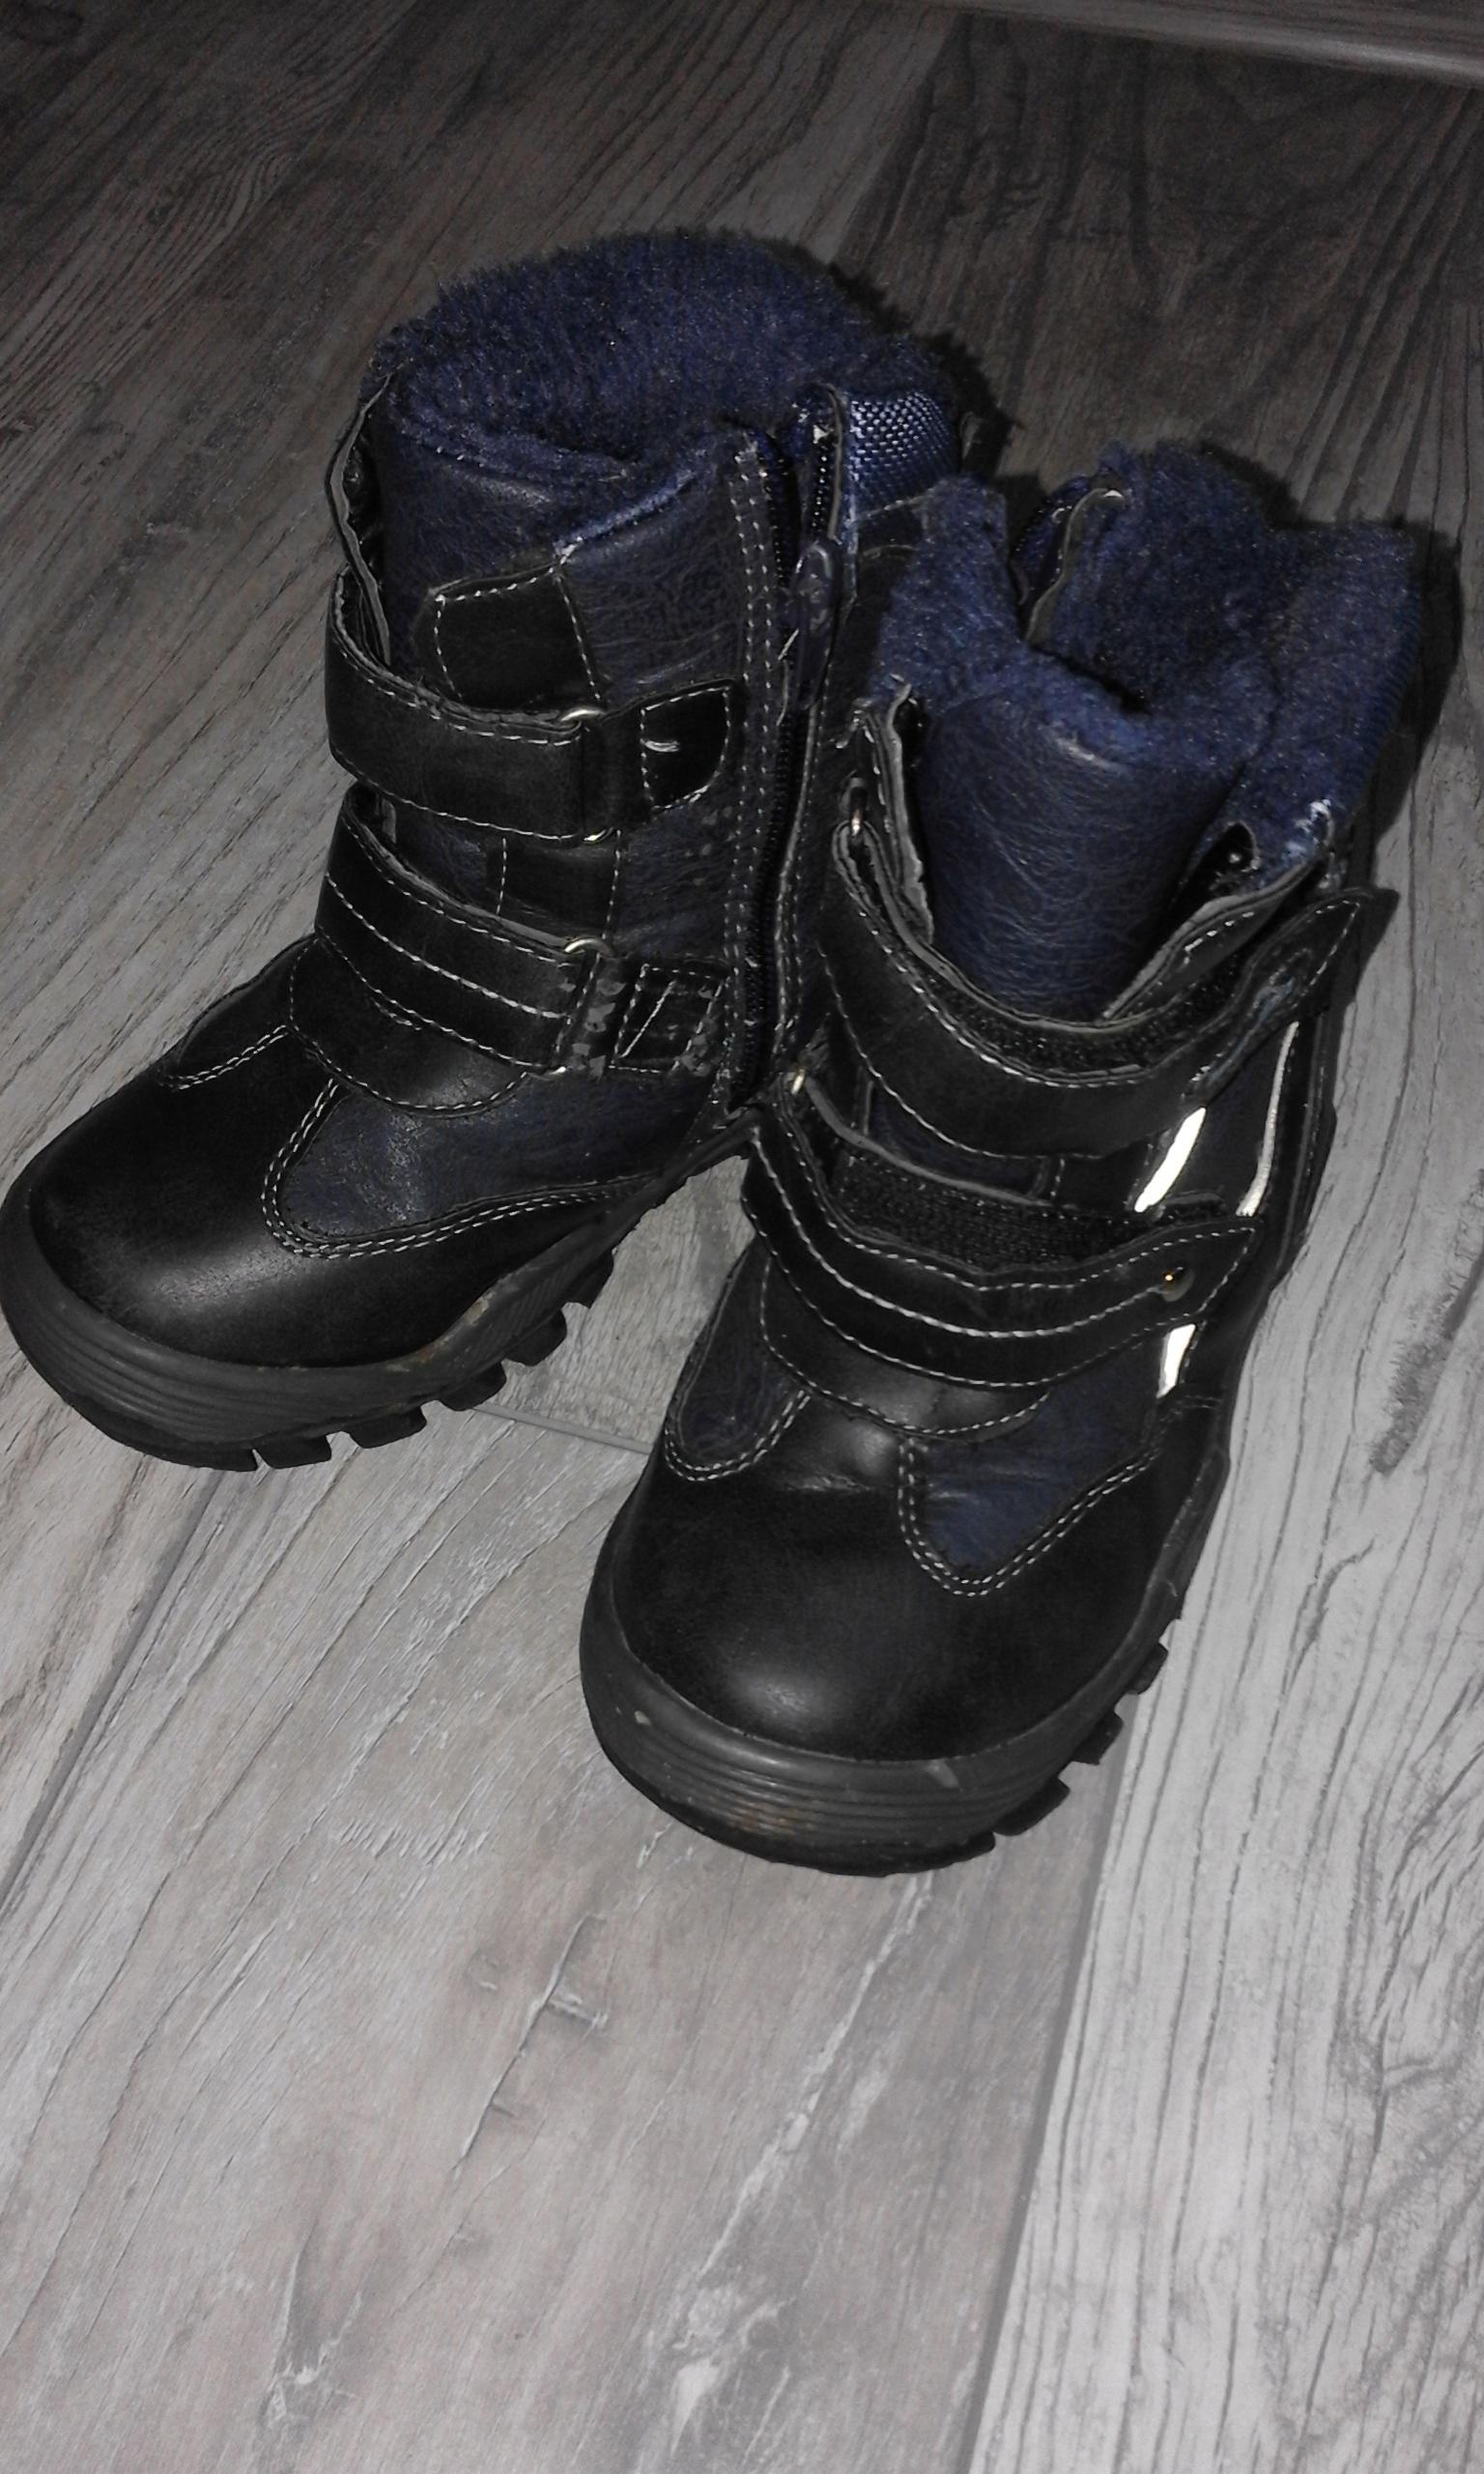 2fbe2fd3 buty zimowe chłopięce rozm 29 rzepy plus zamek - 7710196981 ...